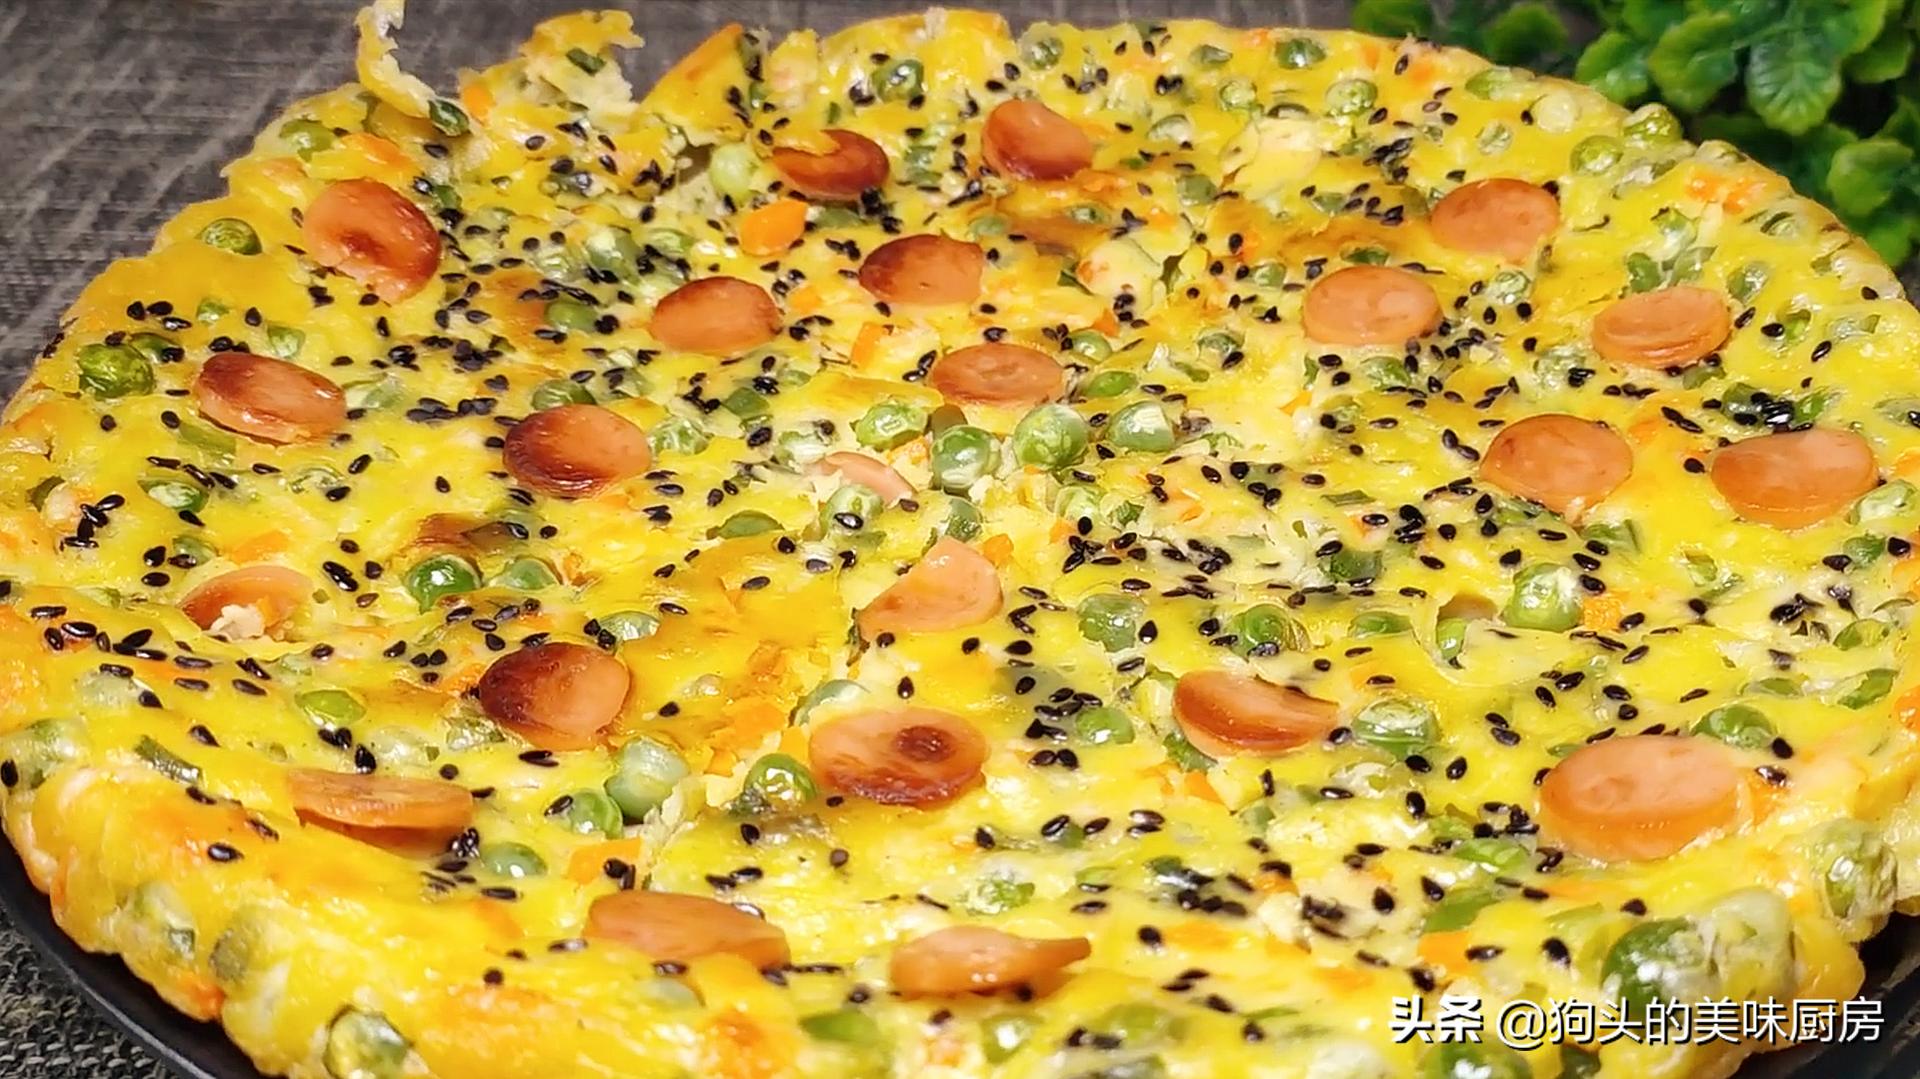 豌豆不要炒着吃了,加两个鸡蛋,比吃肉还香,上桌就抢光